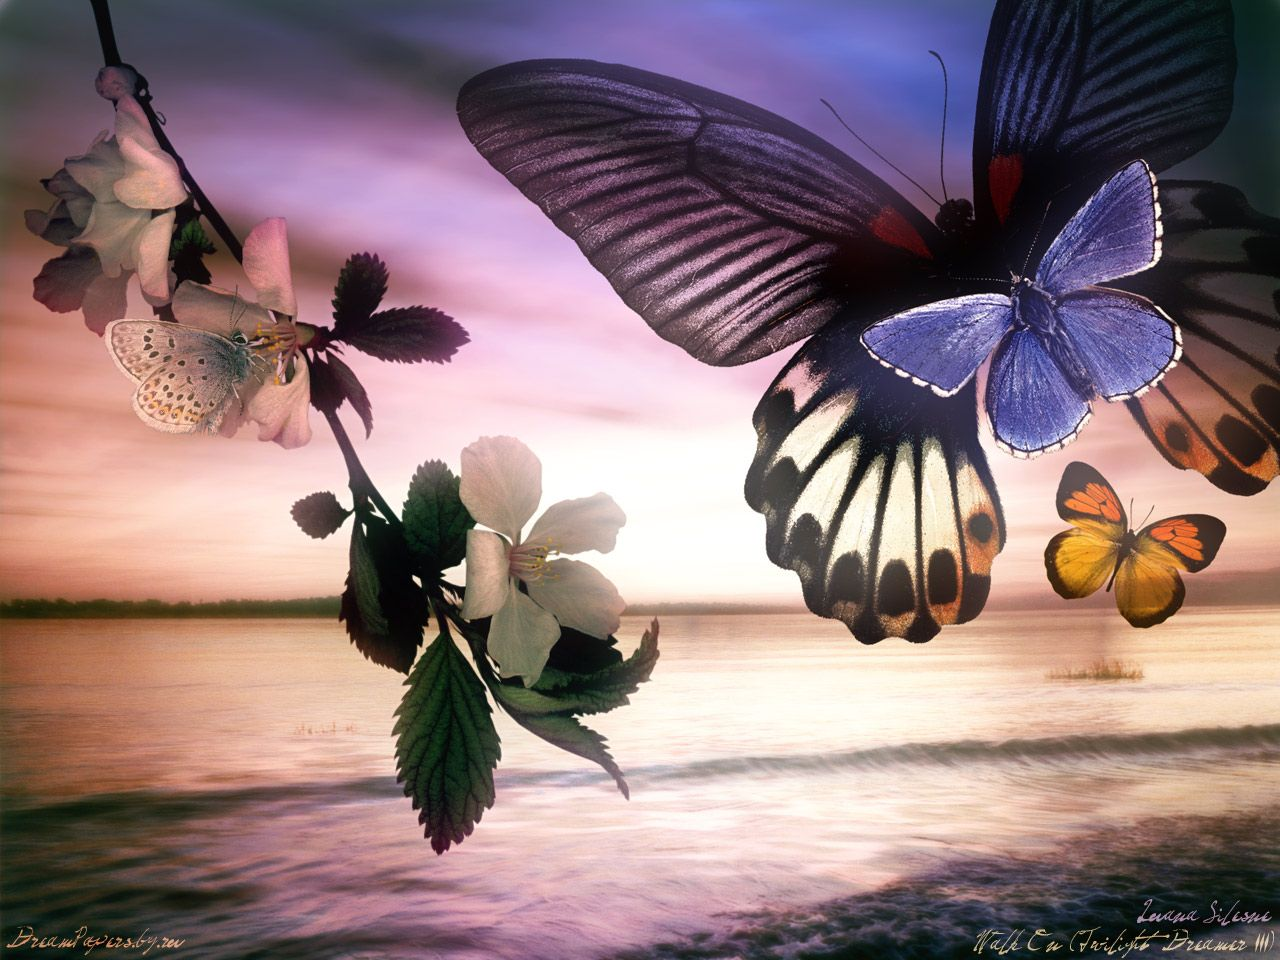 Twilight Dreamer Iii Walk On Butterfly Wallpaper Butterfly Pictures Butterfly Wallpaper Backgrounds